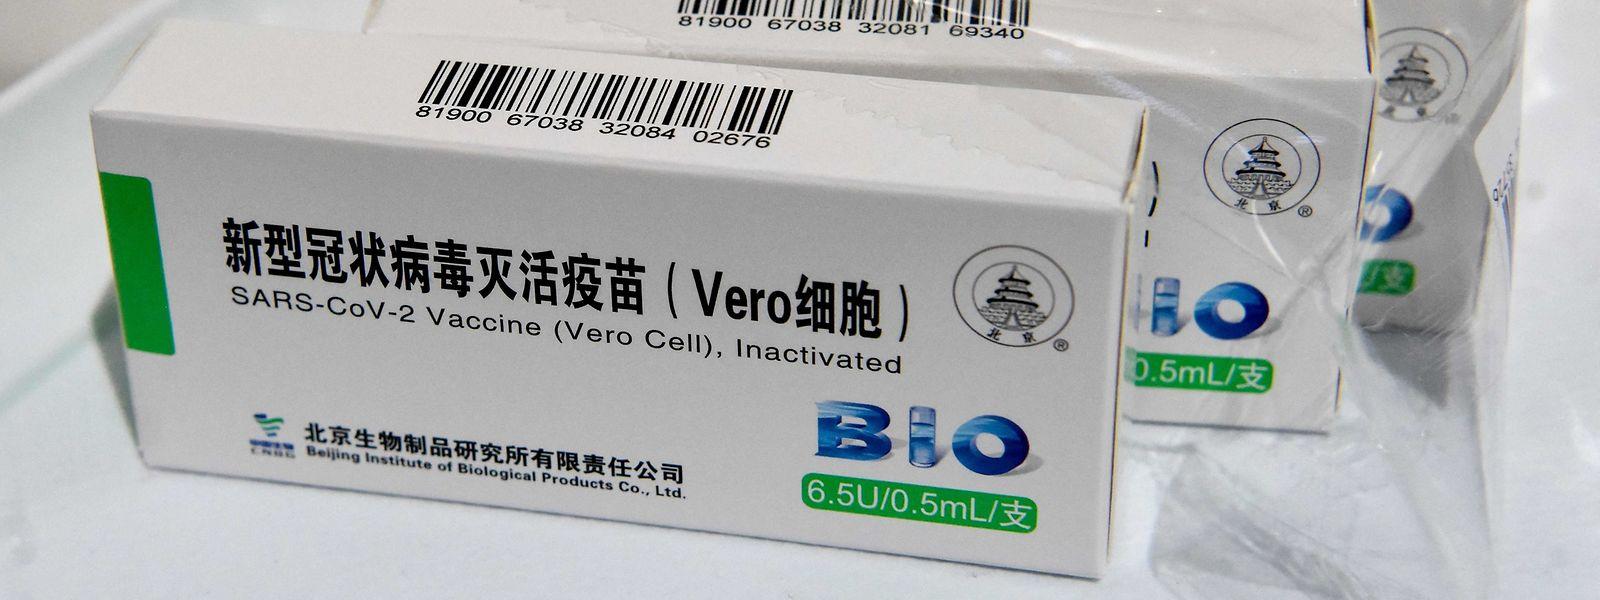 Der Impfstoff von Sinopharm ist das erste chinesische Vakzin, das die WHO-Notfallzulassung erhält.